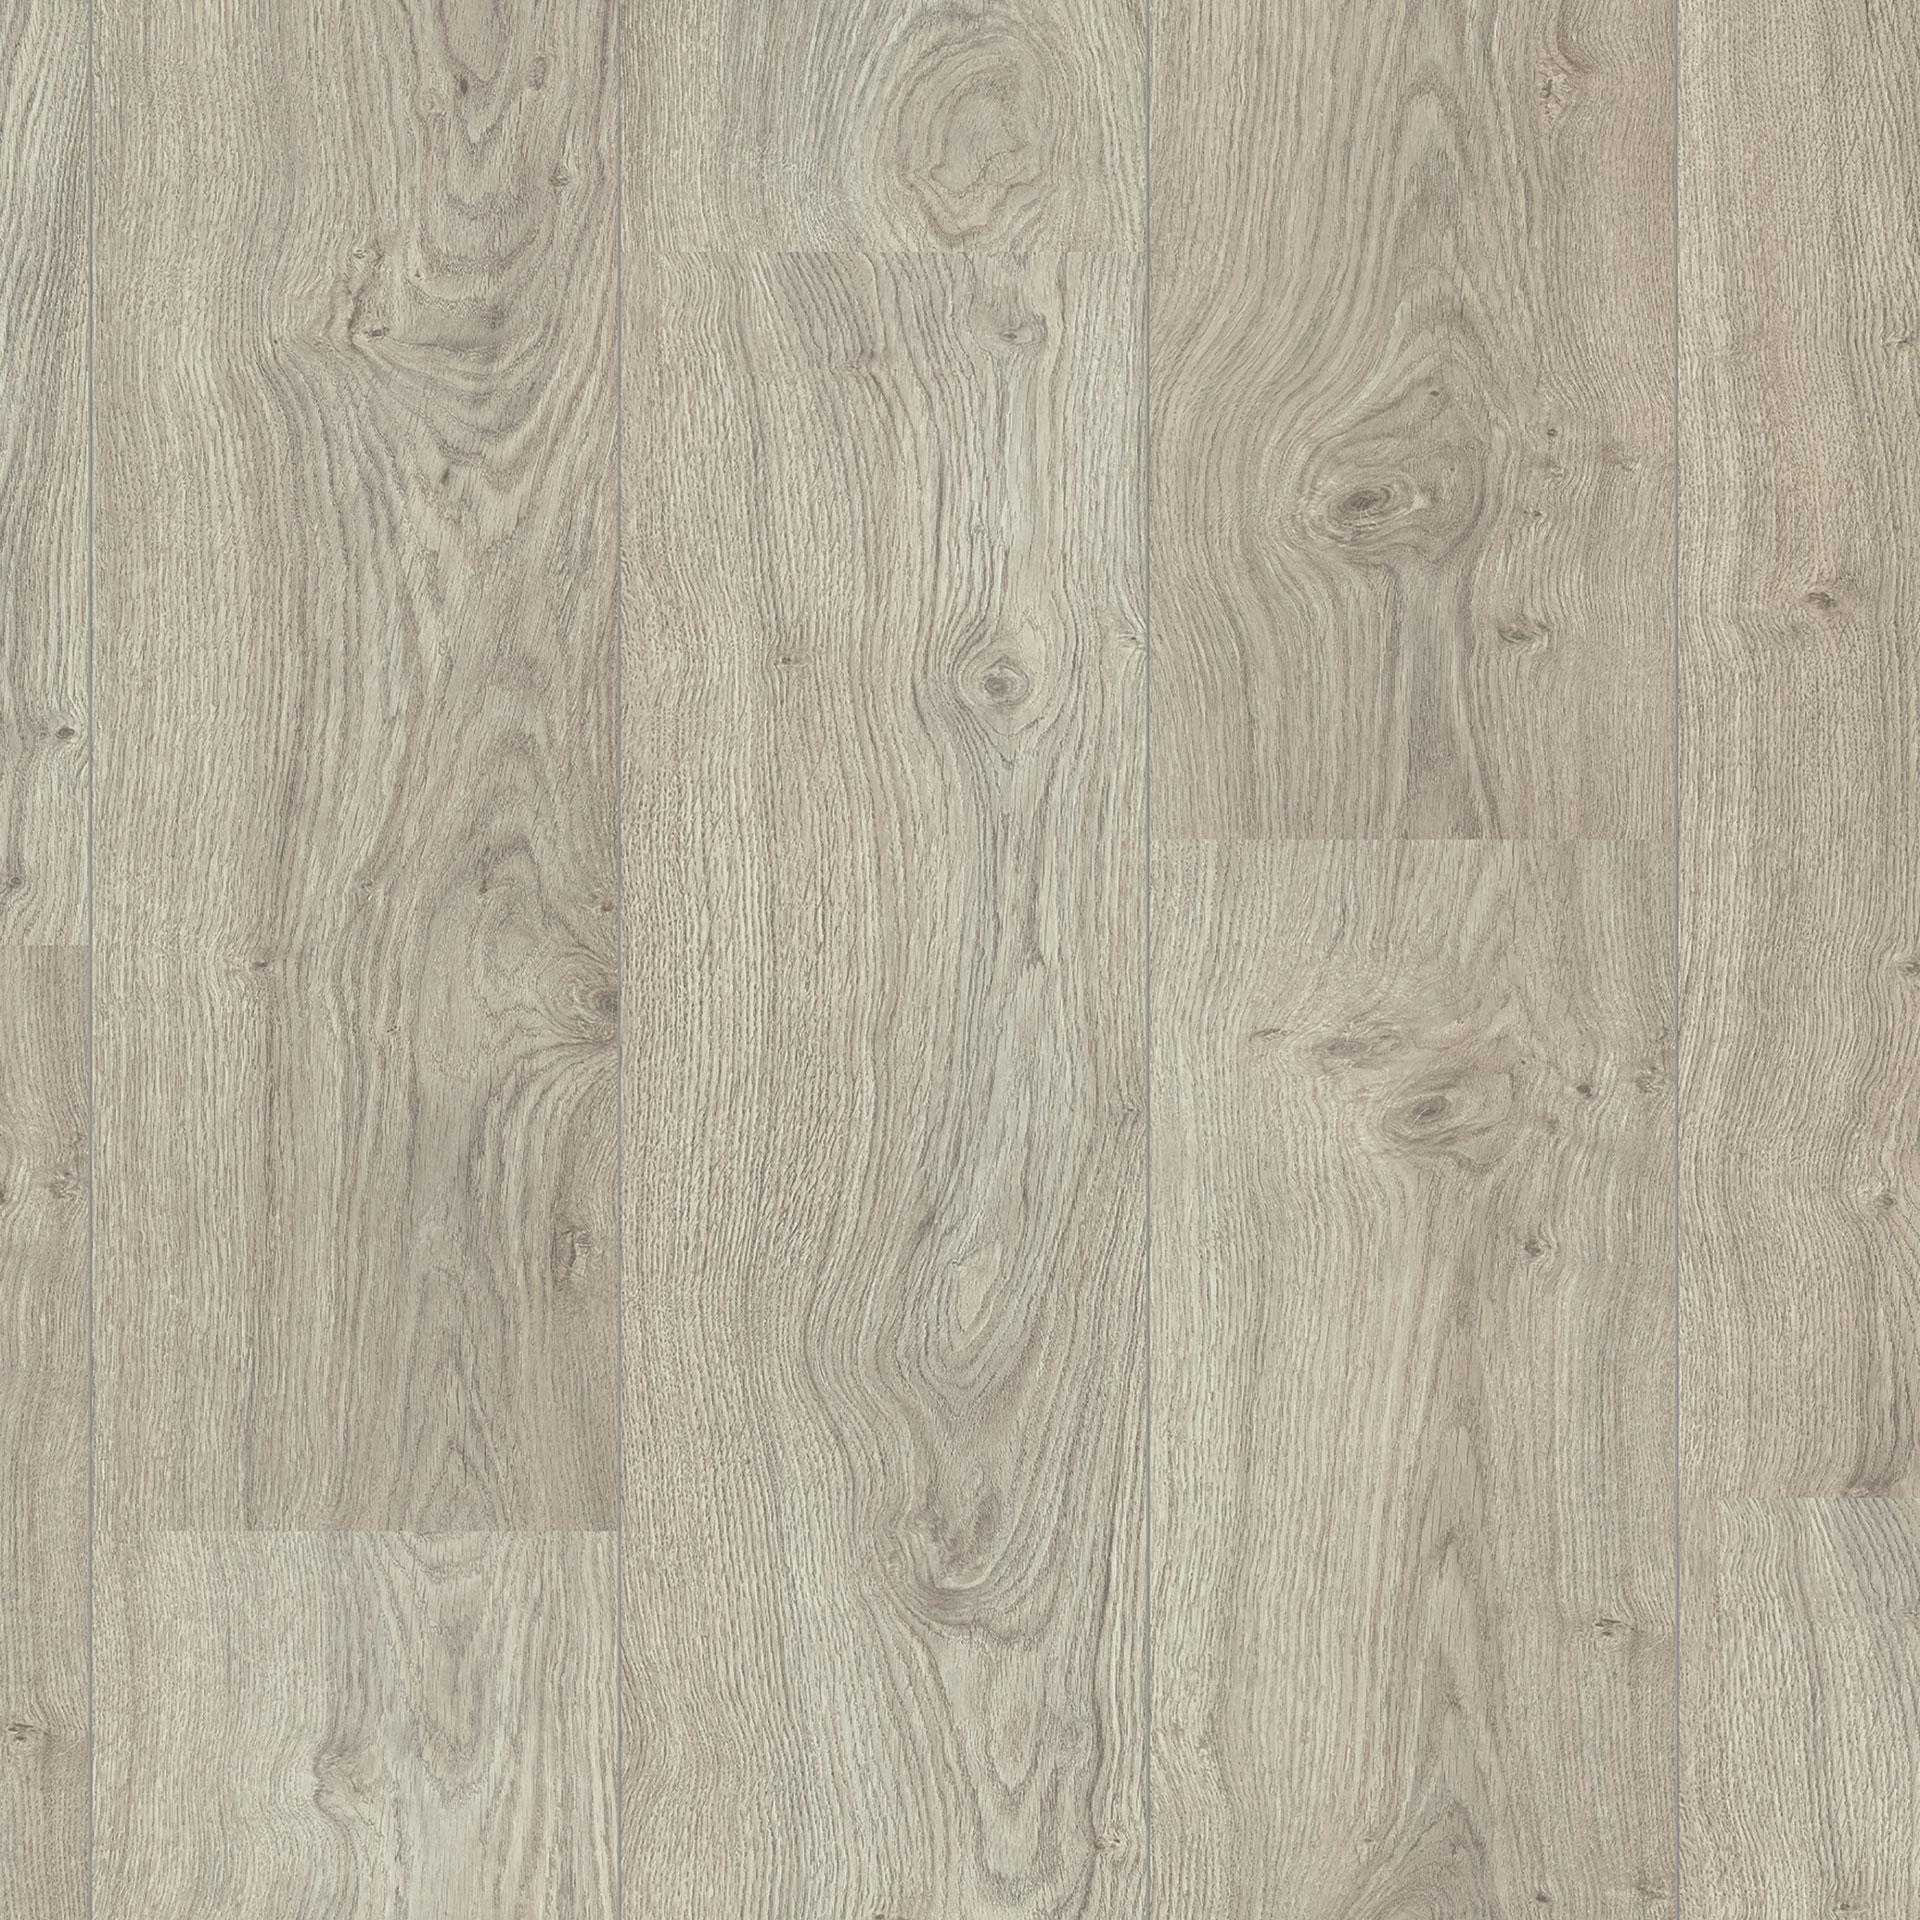 Pavimenti In Pvc Ad Incastro tarkett - woodstock 832 laminato sp. 8 mm (prezzo a scatola da mq. 2,005)